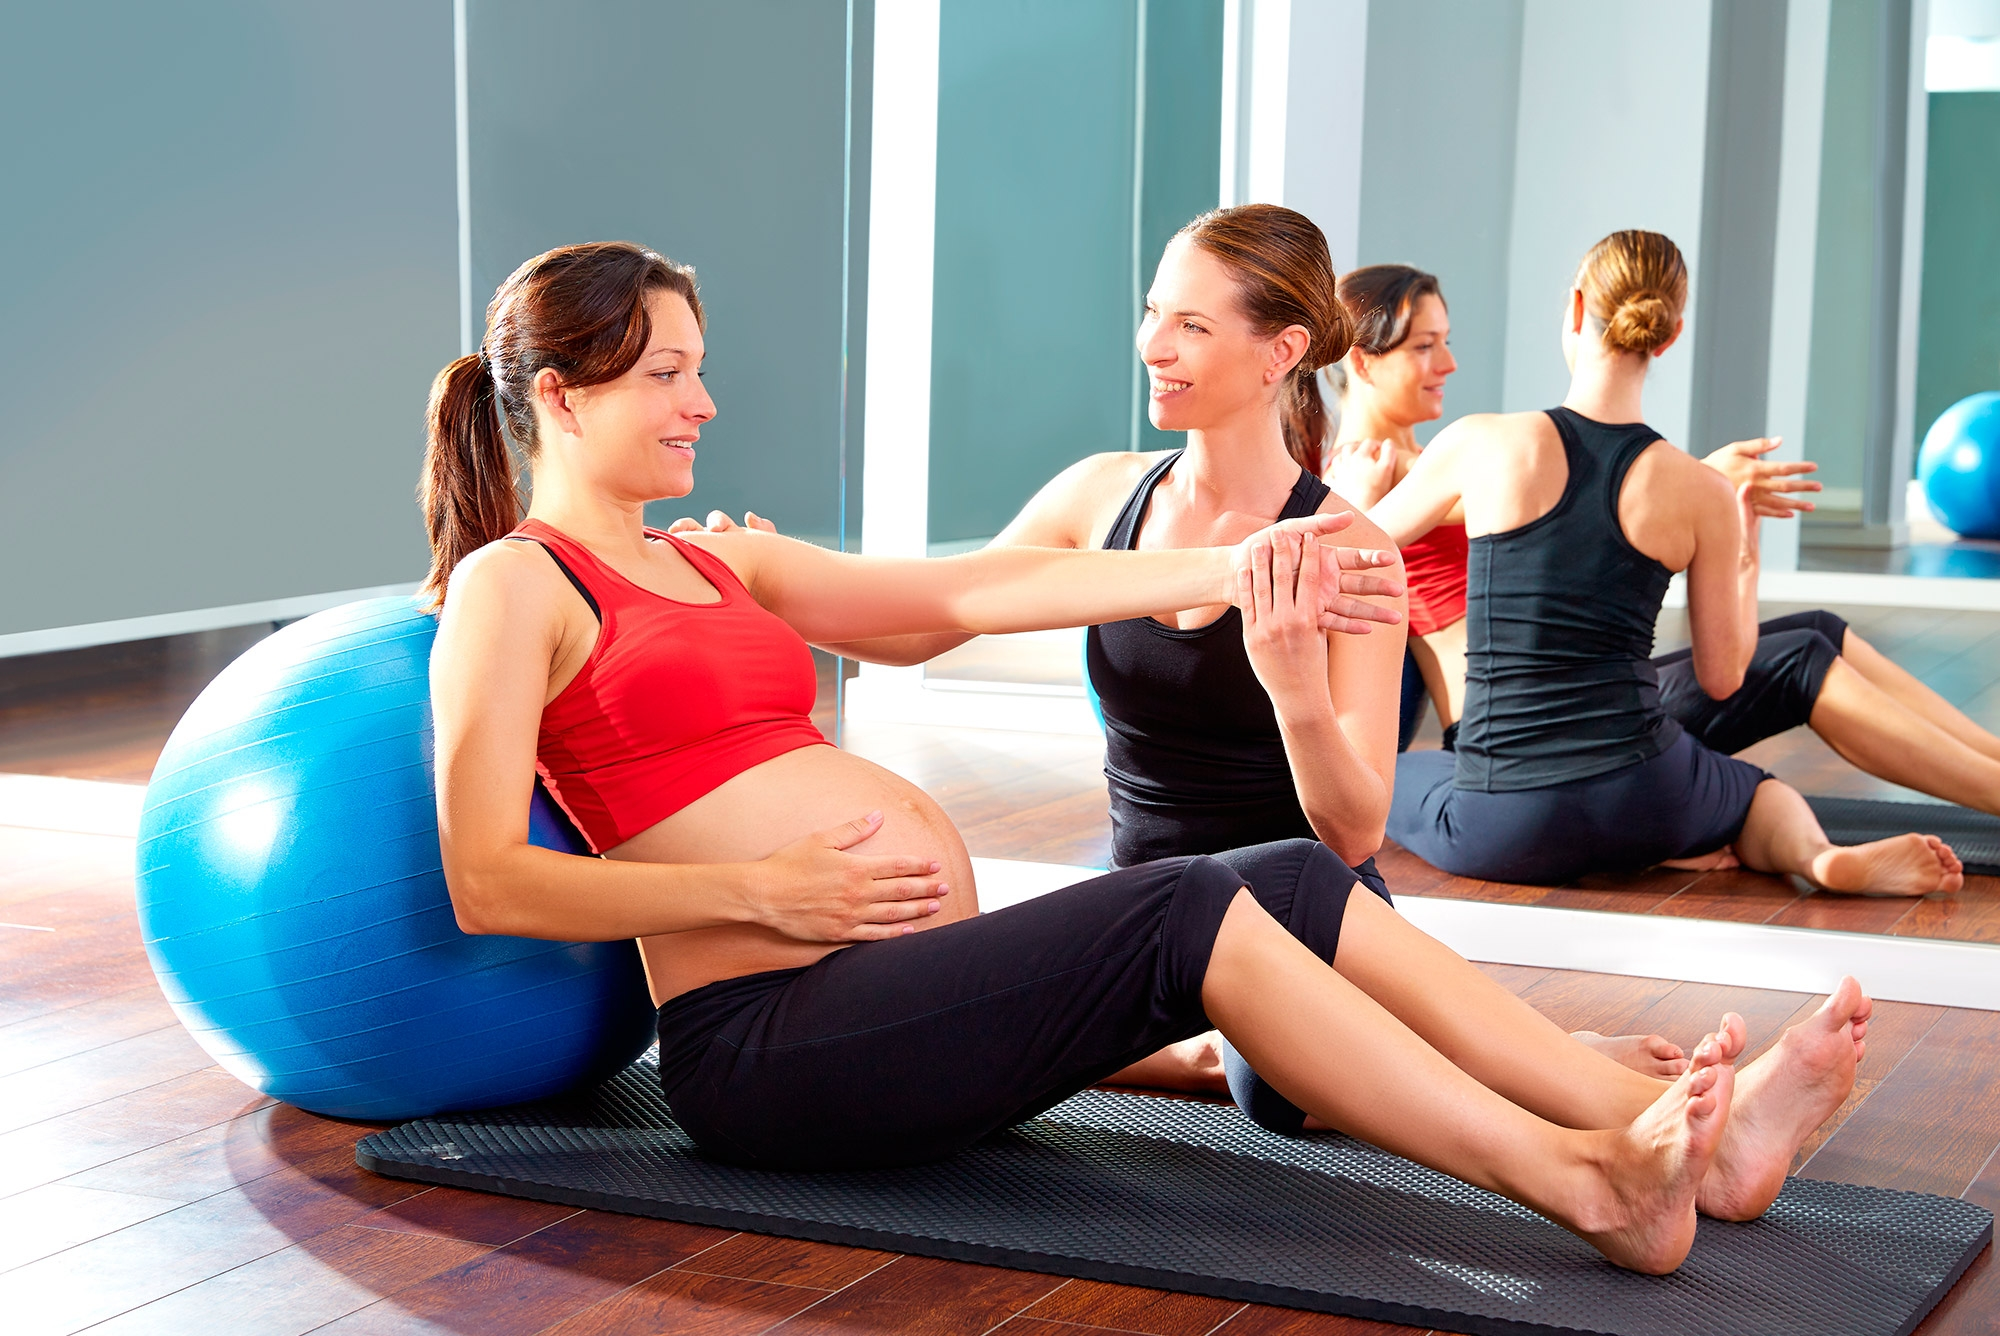 Программа силовых тренировок для беременных в тренажёрном зале | rulebody.ru — правила тела